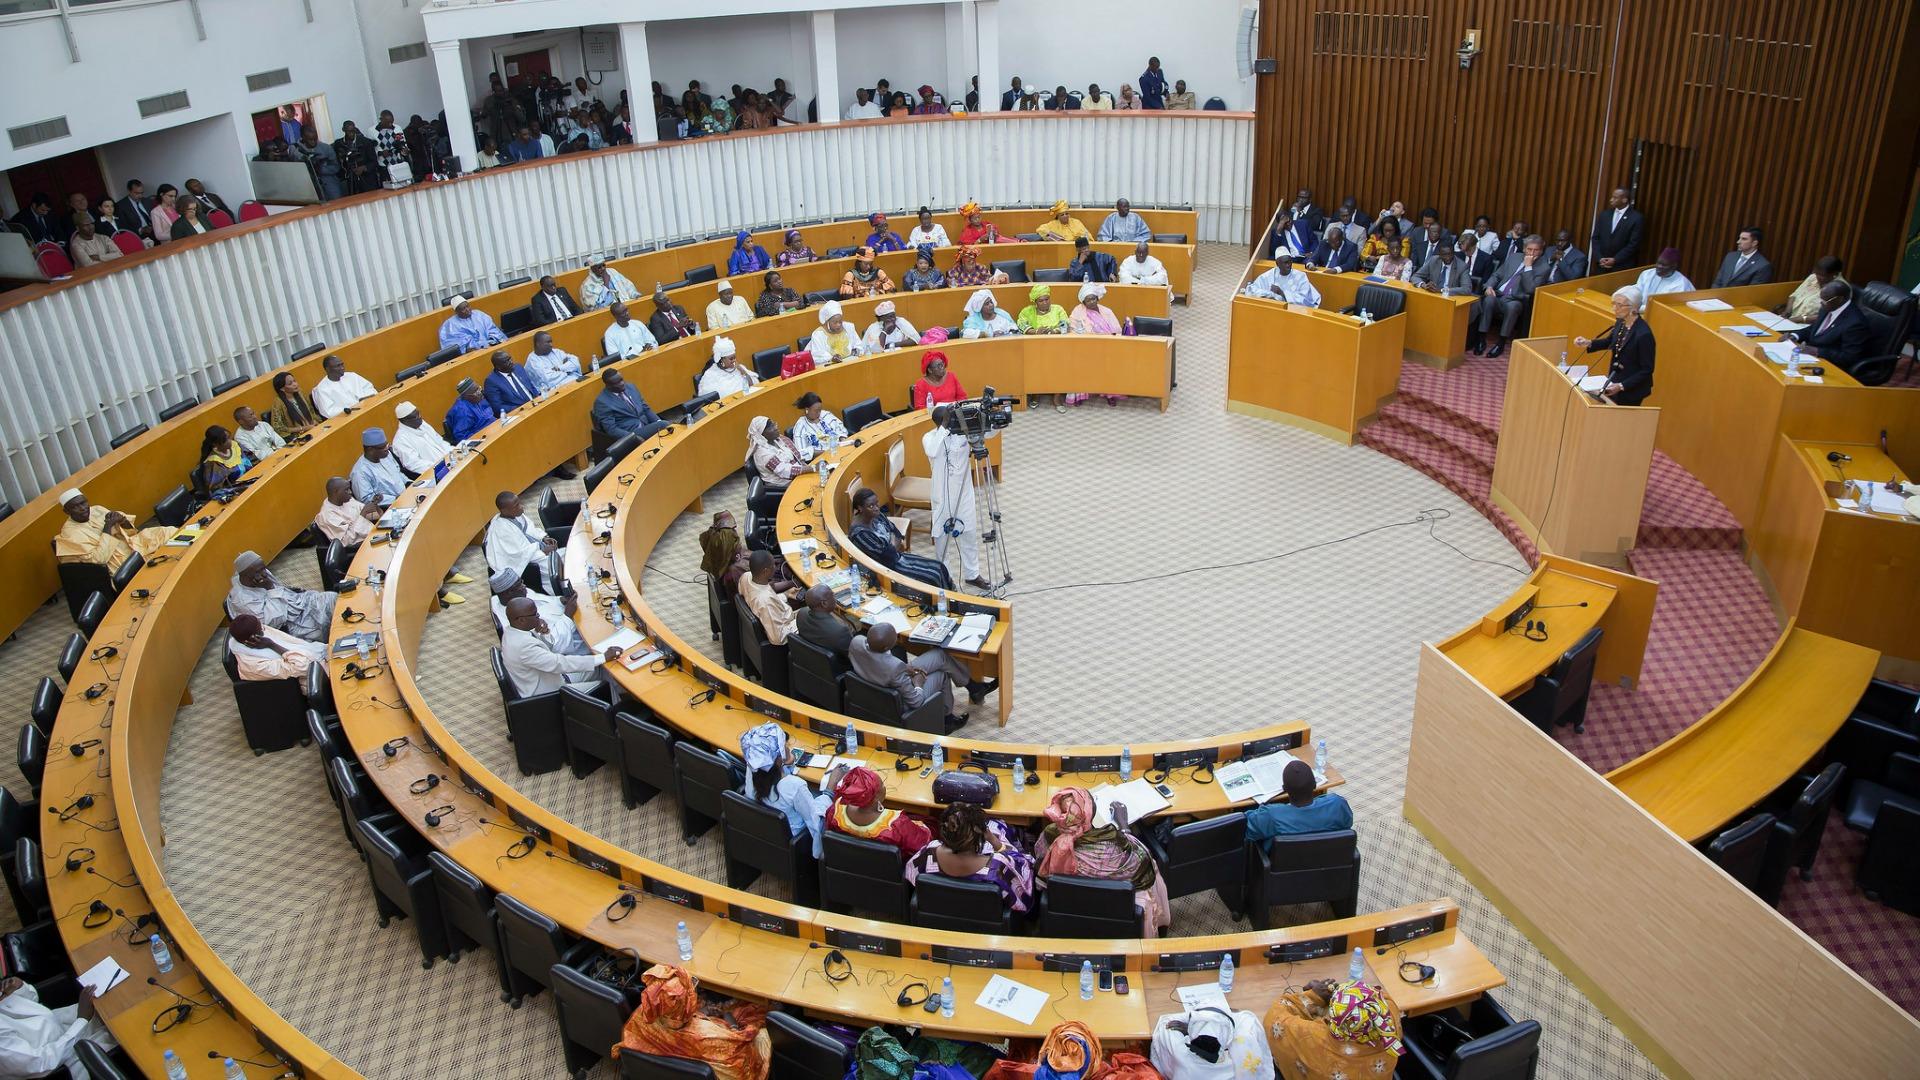 Affaire des 94 milliards: l'Assemblée nationale démarre ses auditions la semaine prochaine